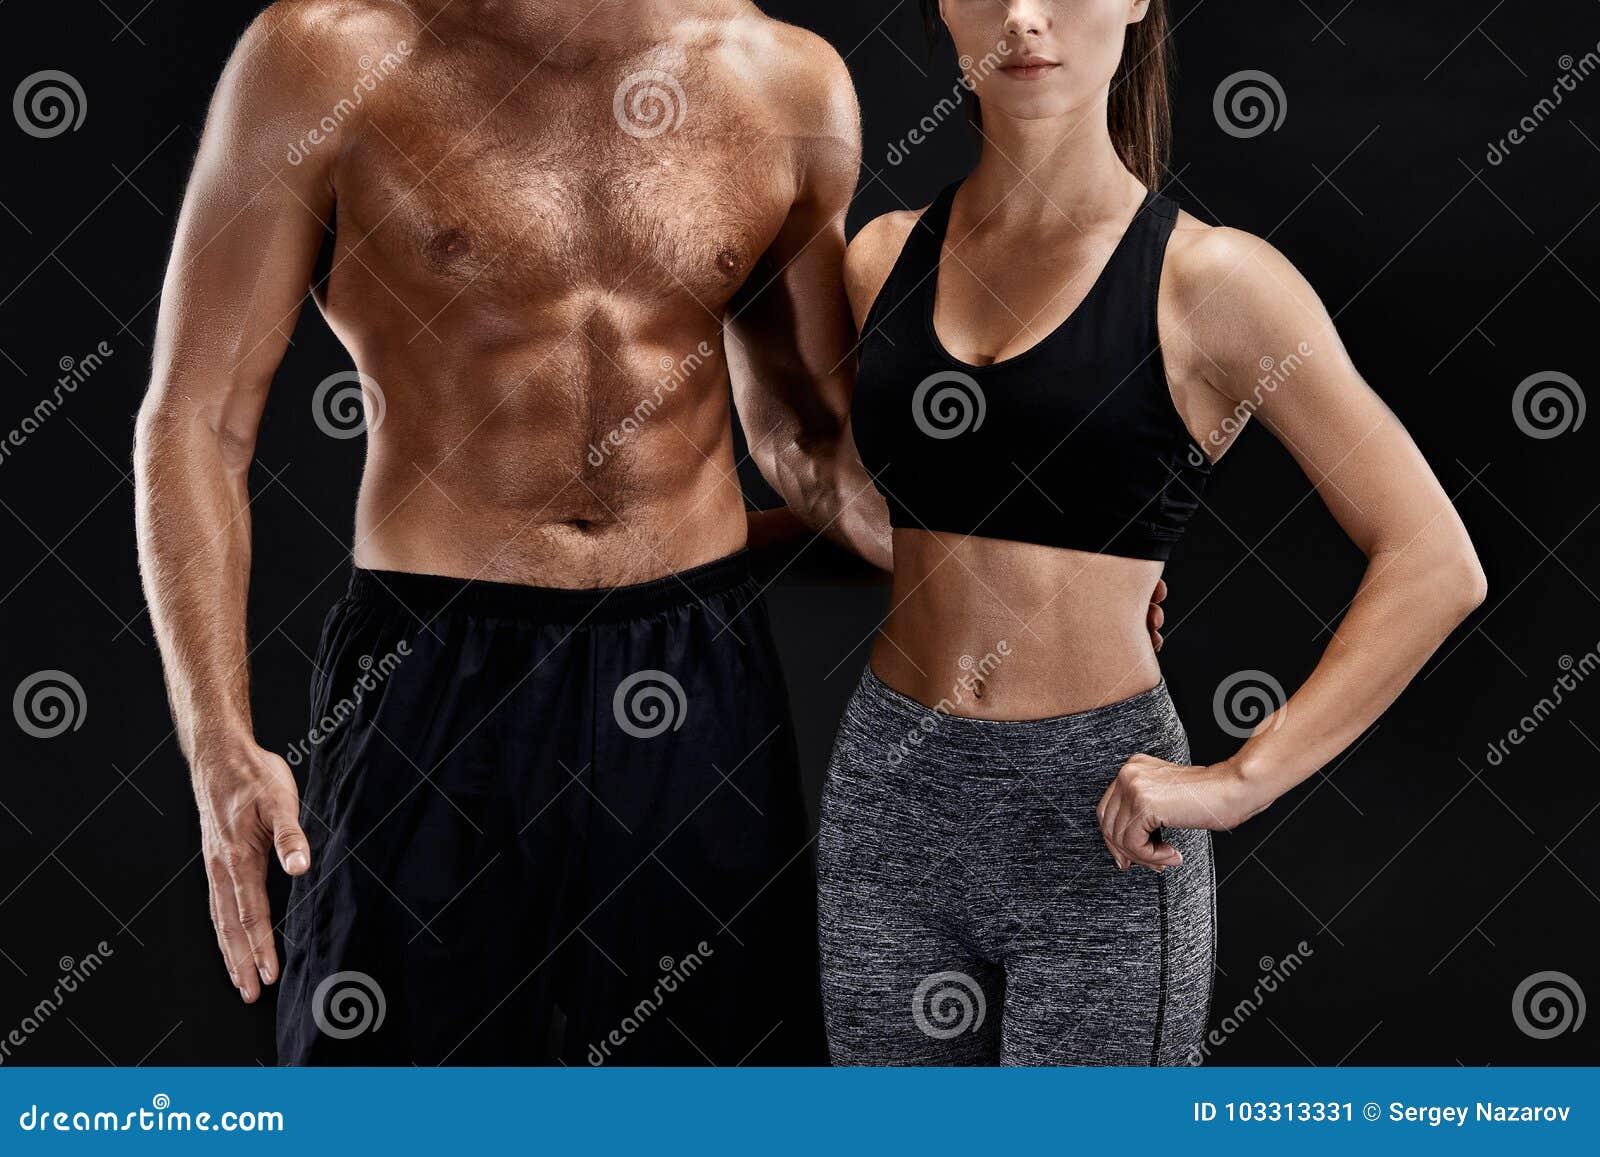 männer nackt sport